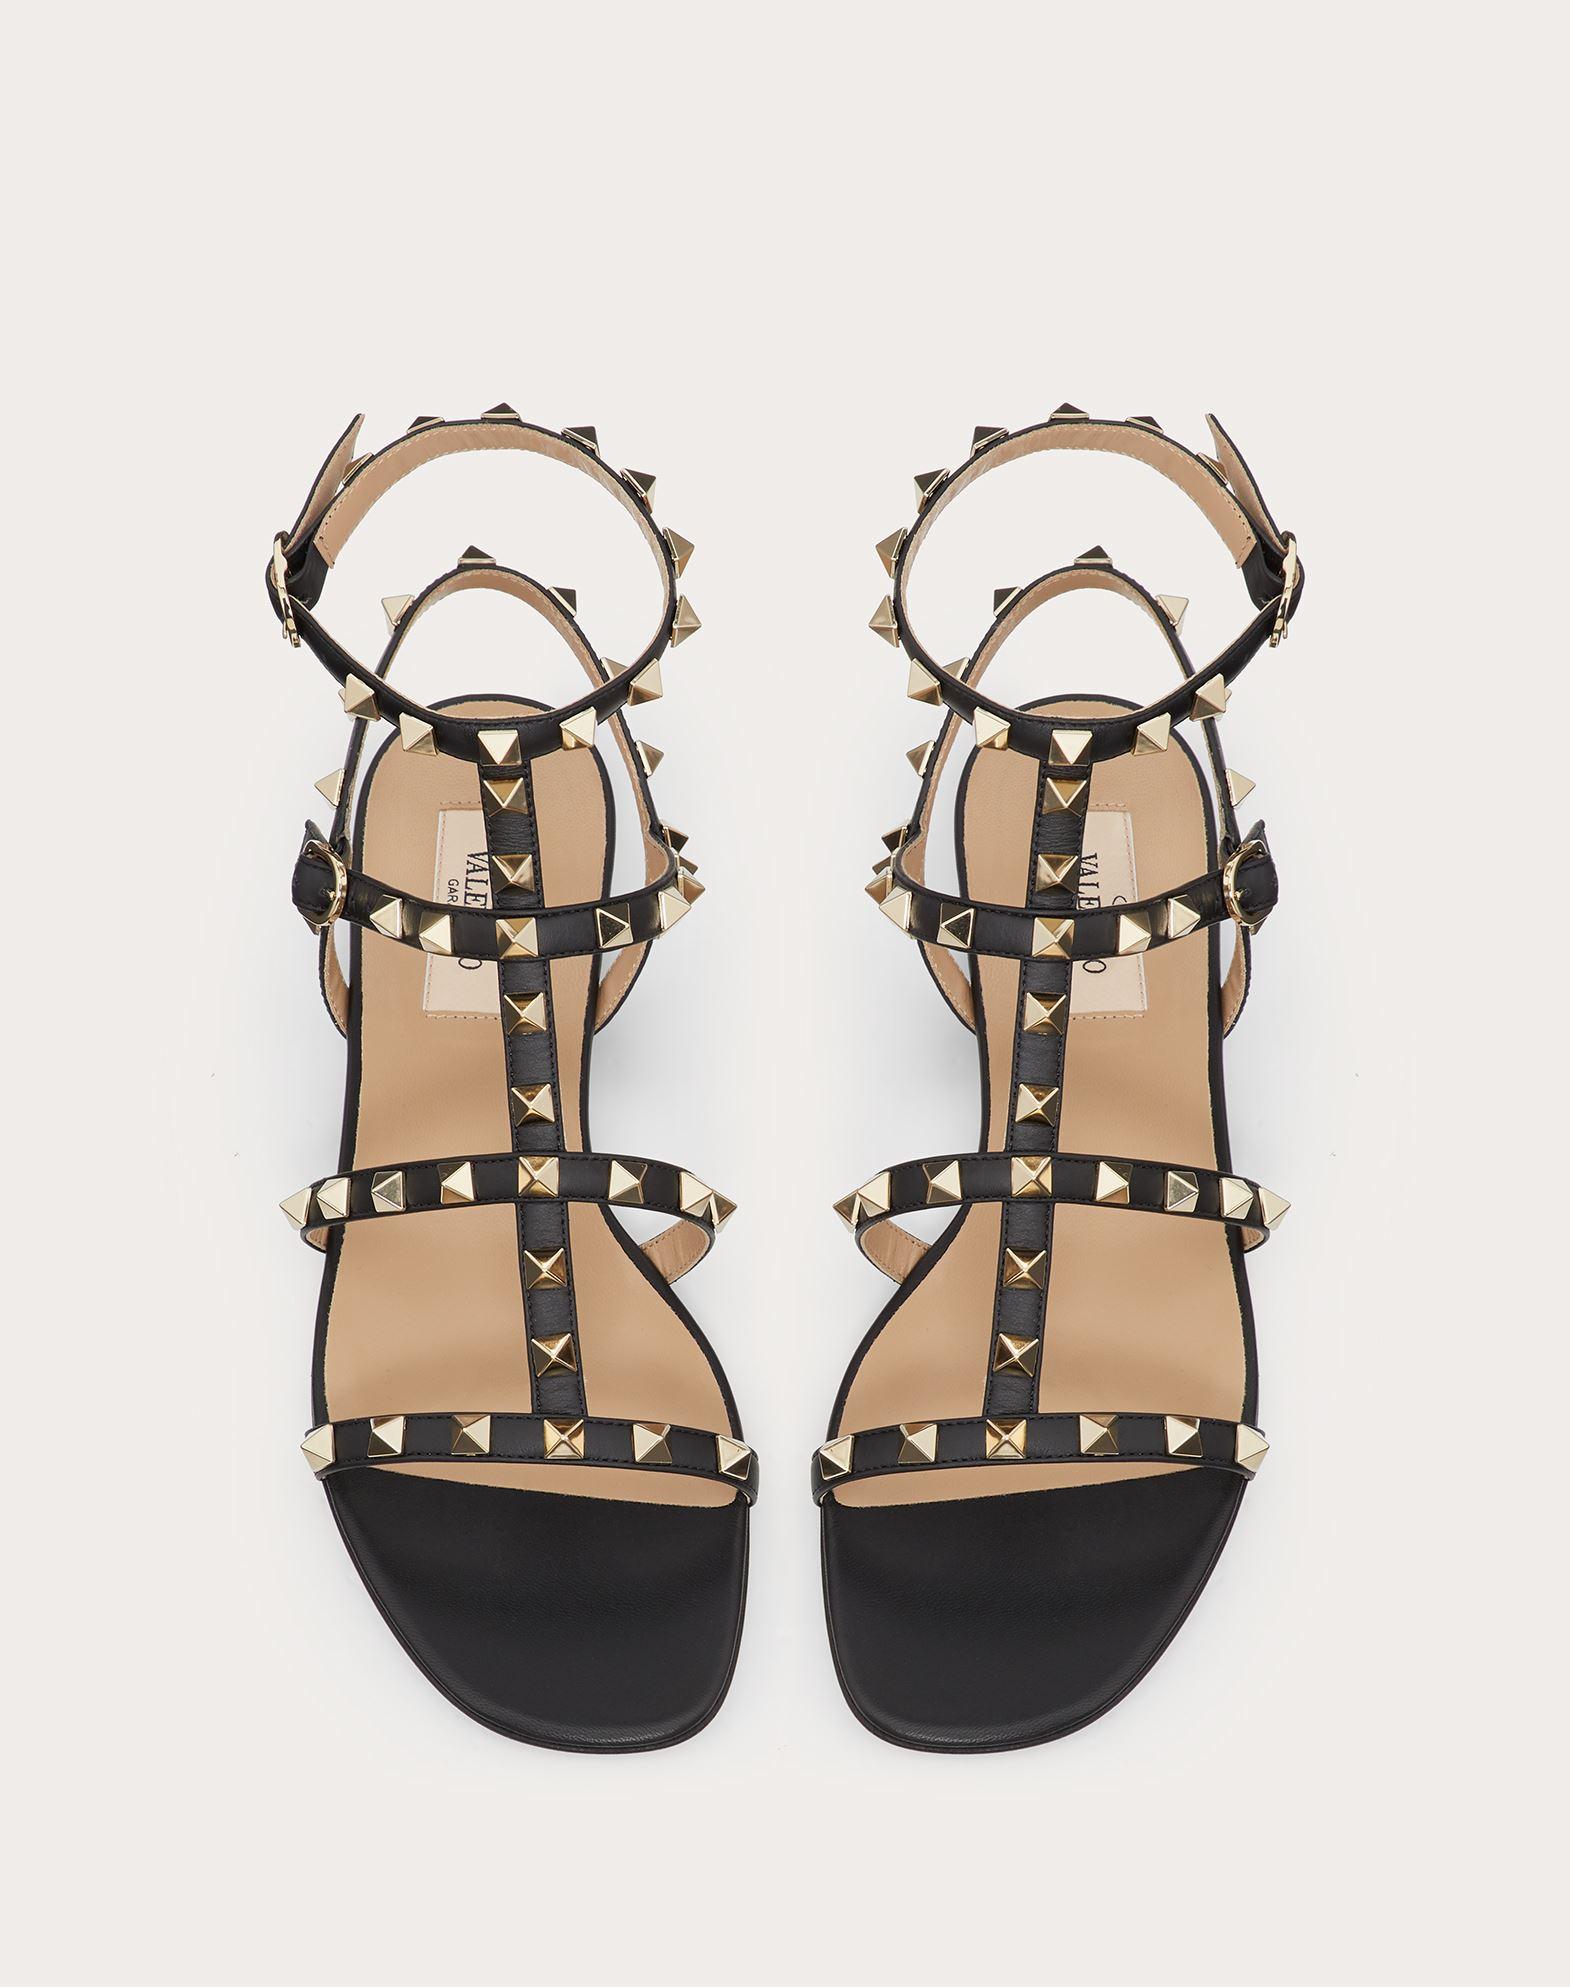 VALENTINO GARAVANI Rockstud Sandal FLAT SANDALS D e